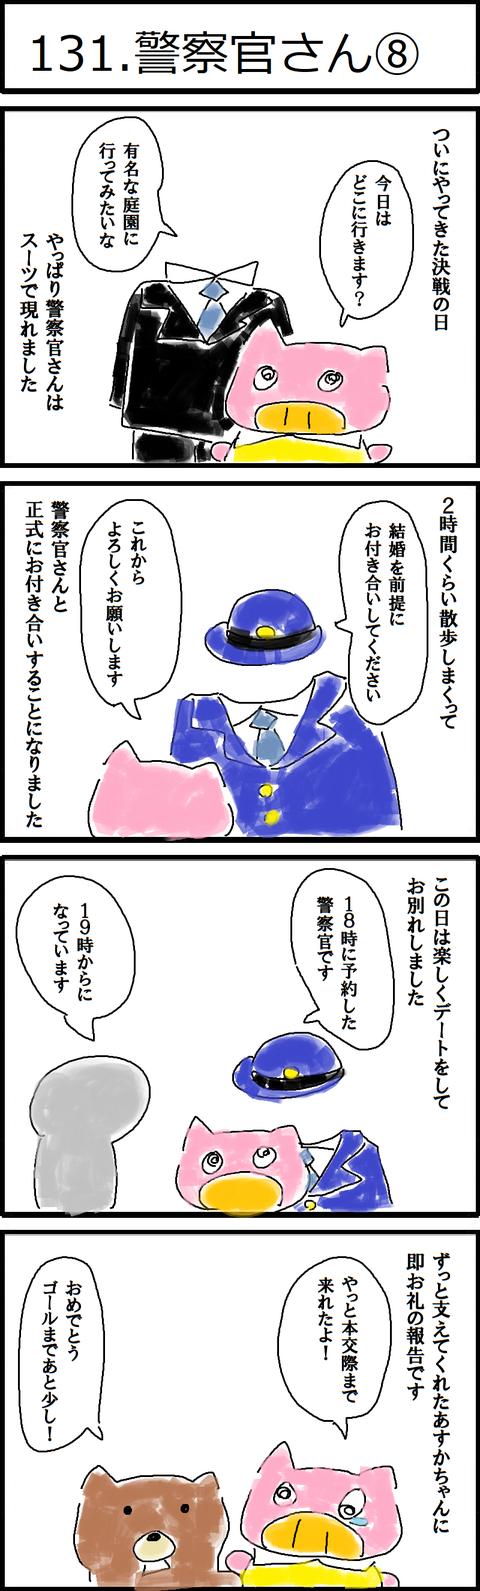 131.警察官さん⑧